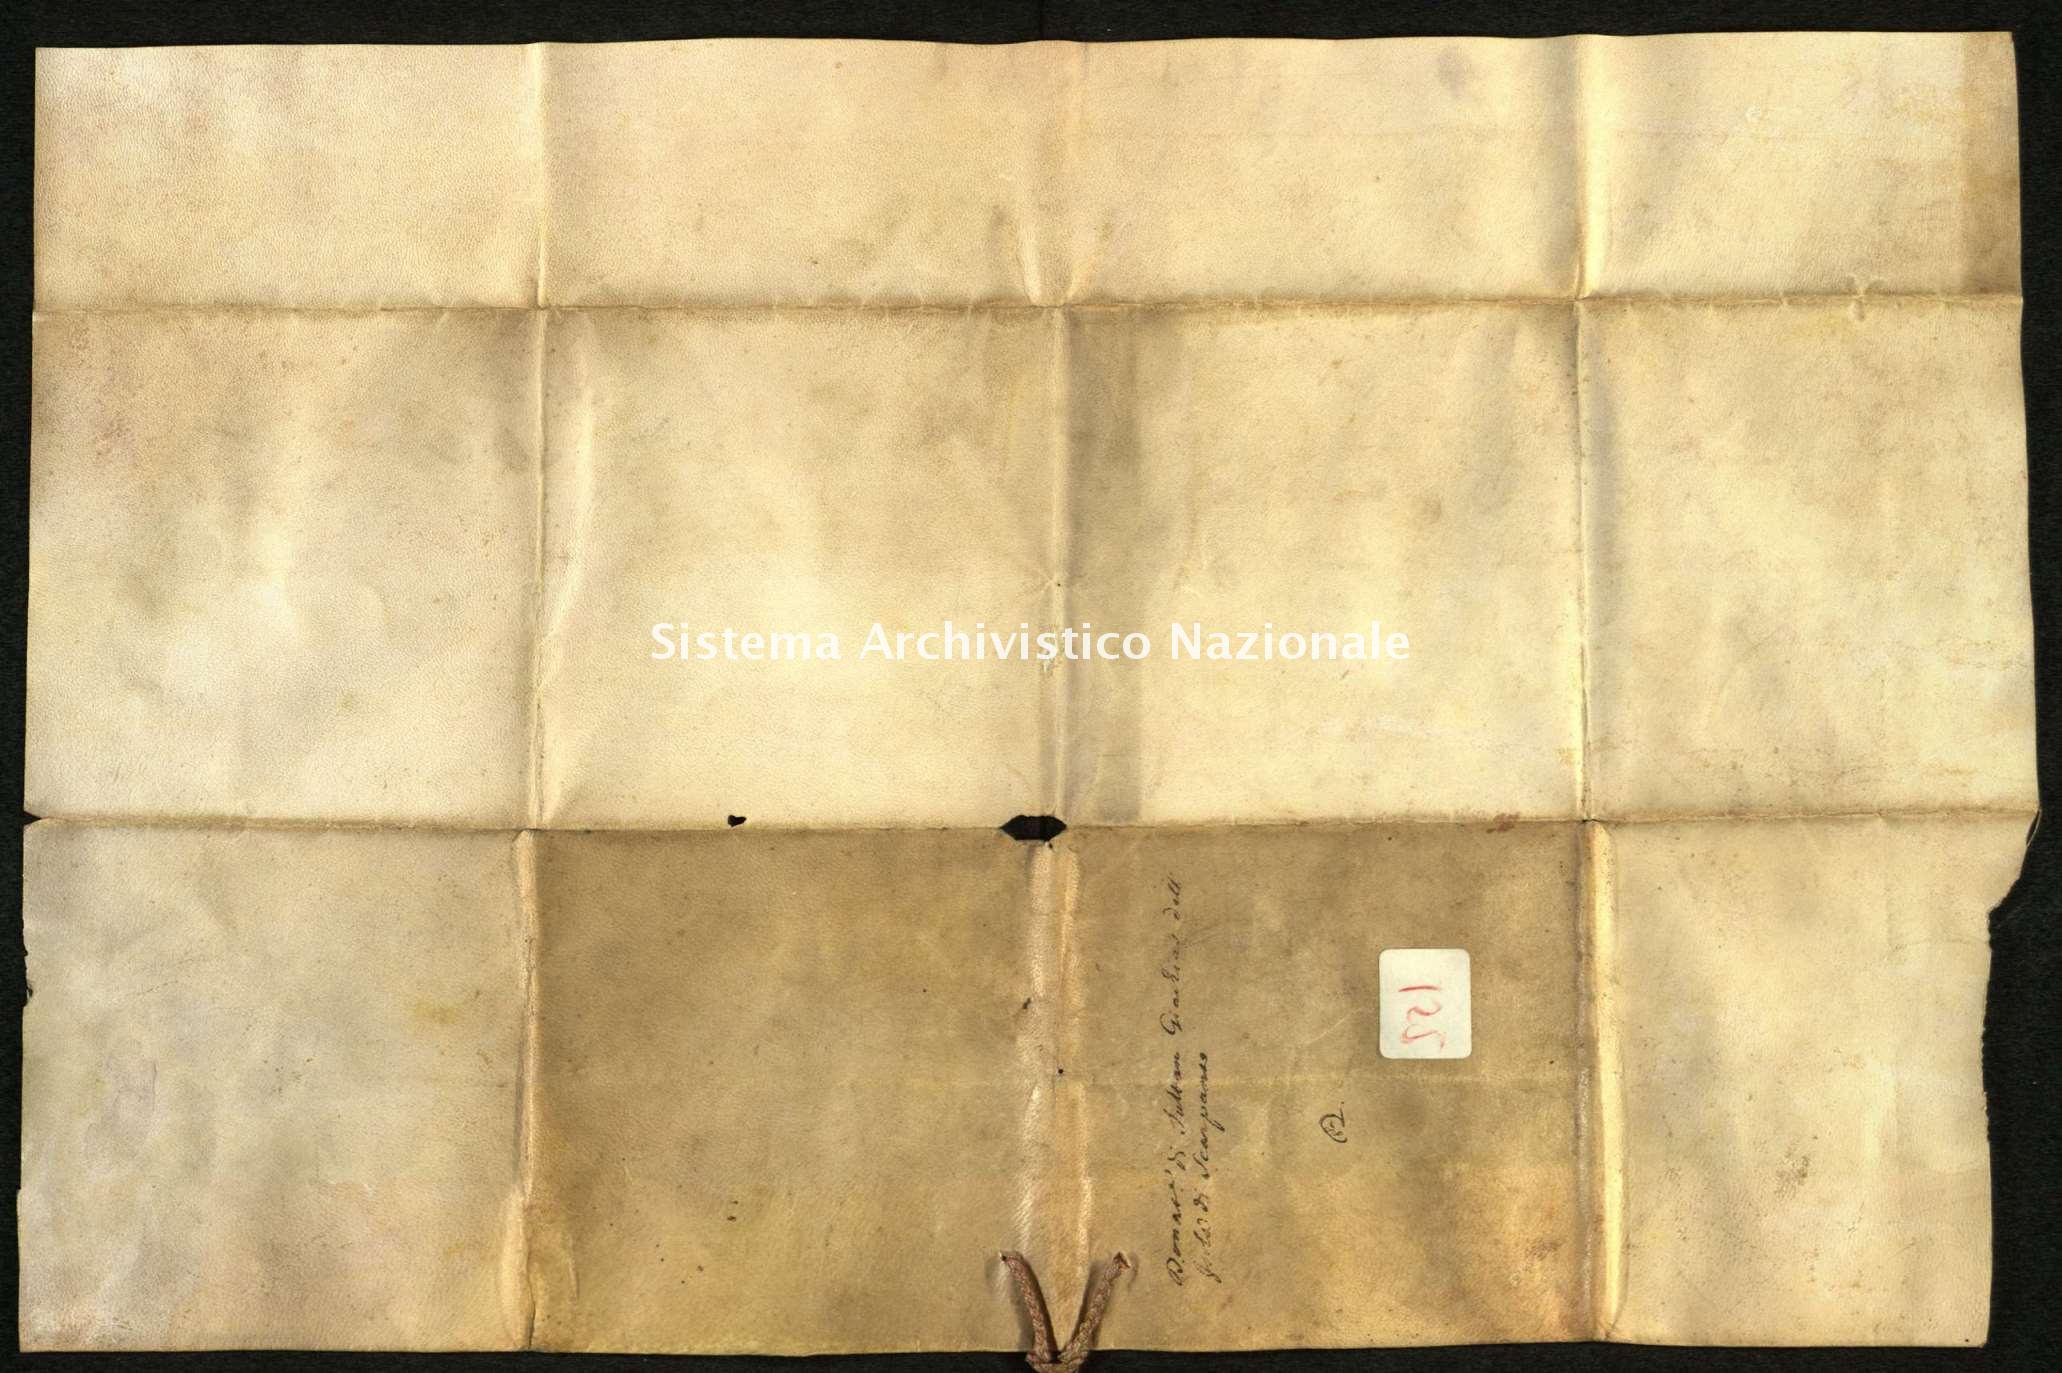 Archivio di Stato di Biella, Avogadro di Valdengo, Pergamene I, Torino 19 dicembre 1633